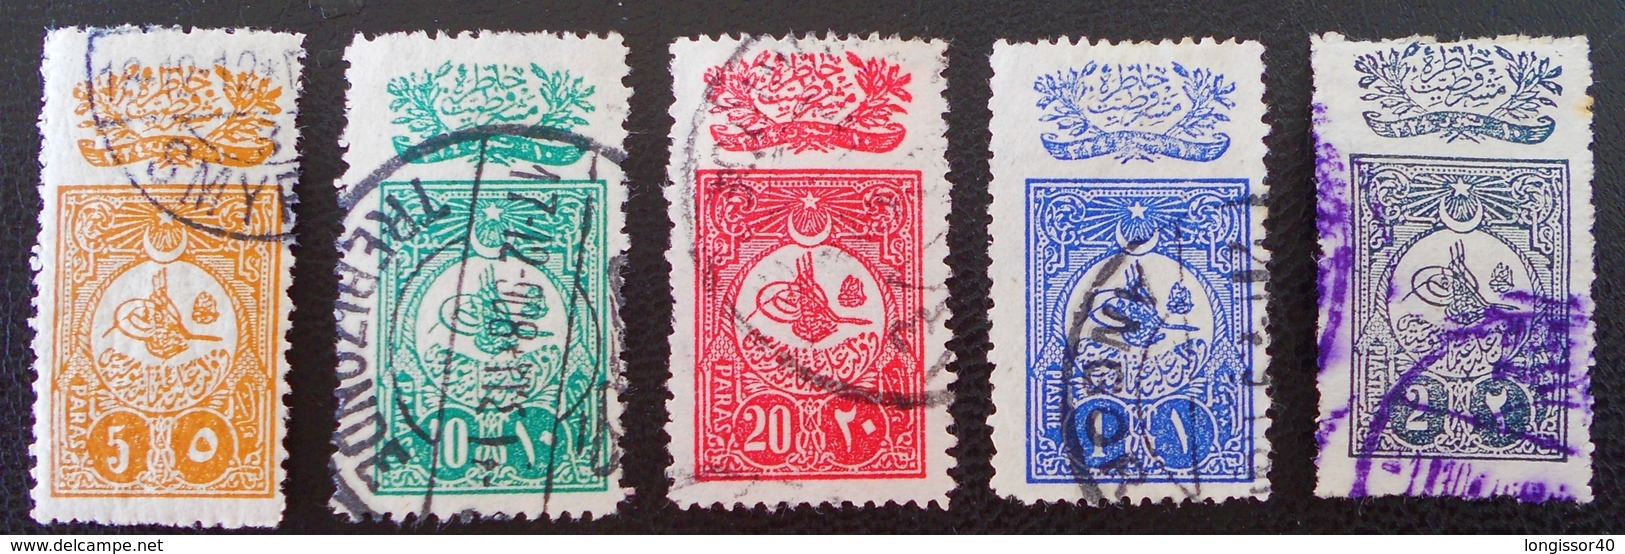 PROMULGATION DE LA CONSTITUTION 1908 - OBLITERES - YT 134/38 - 1858-1921 Osmanisches Reich